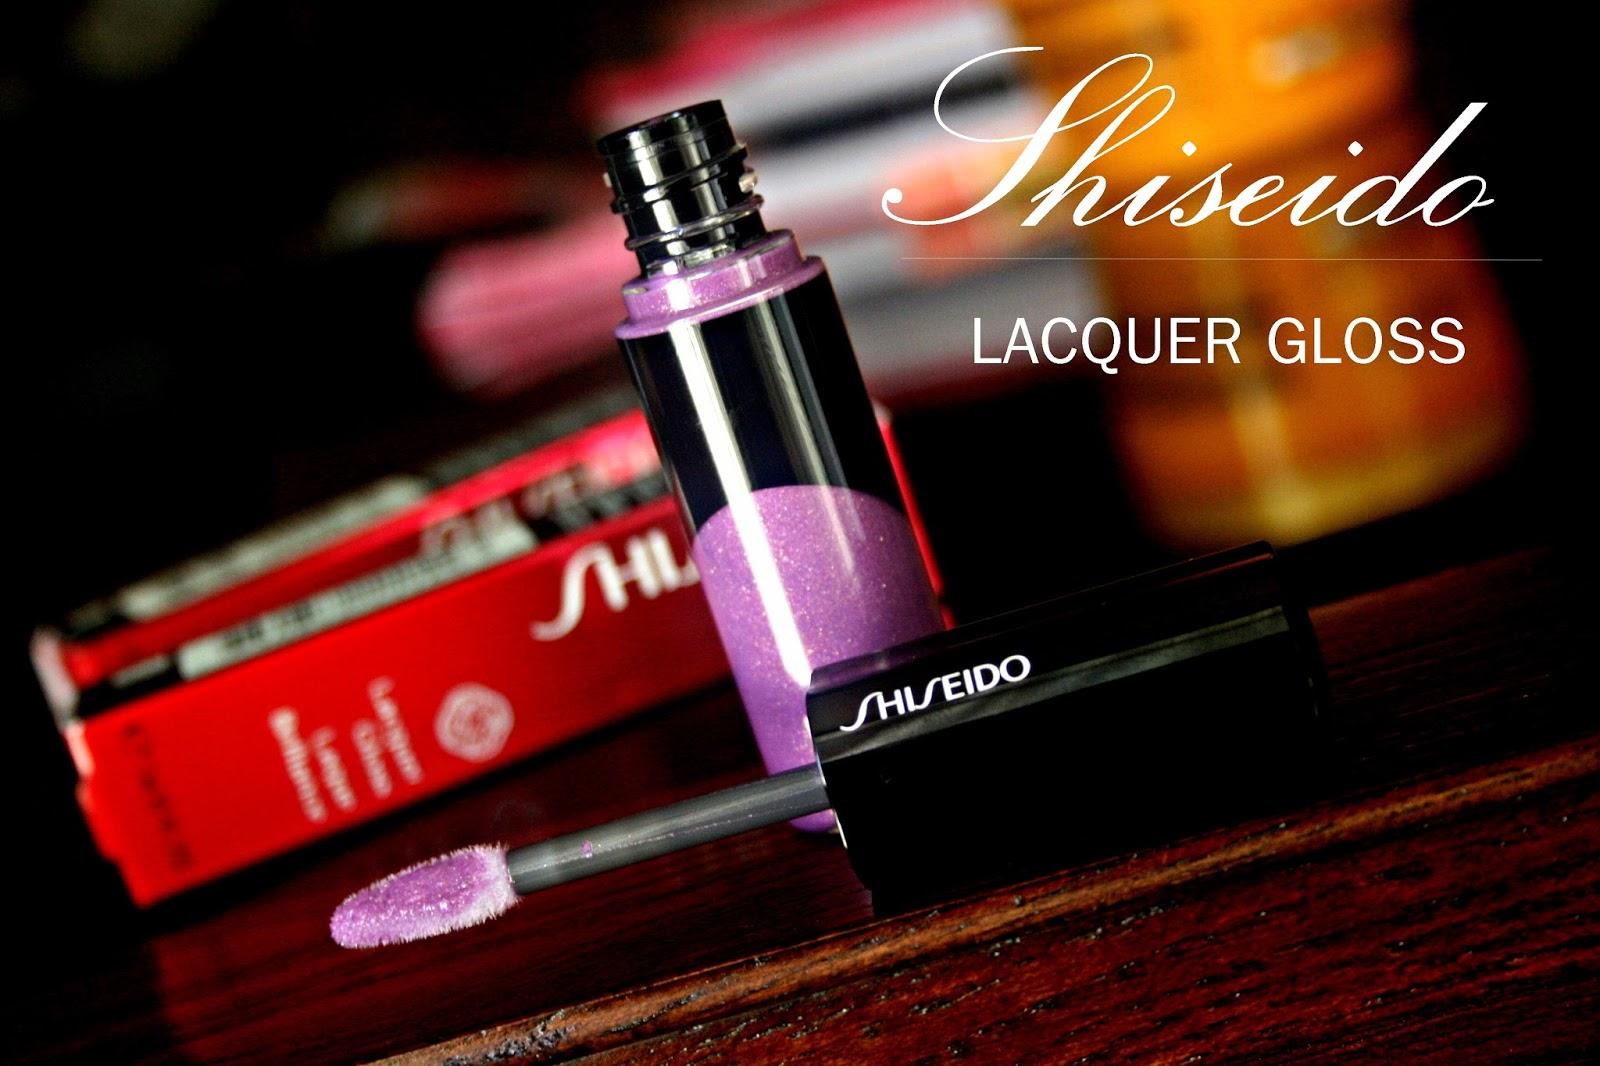 Shiseido Lacquer Gloss in VI207 Nebula